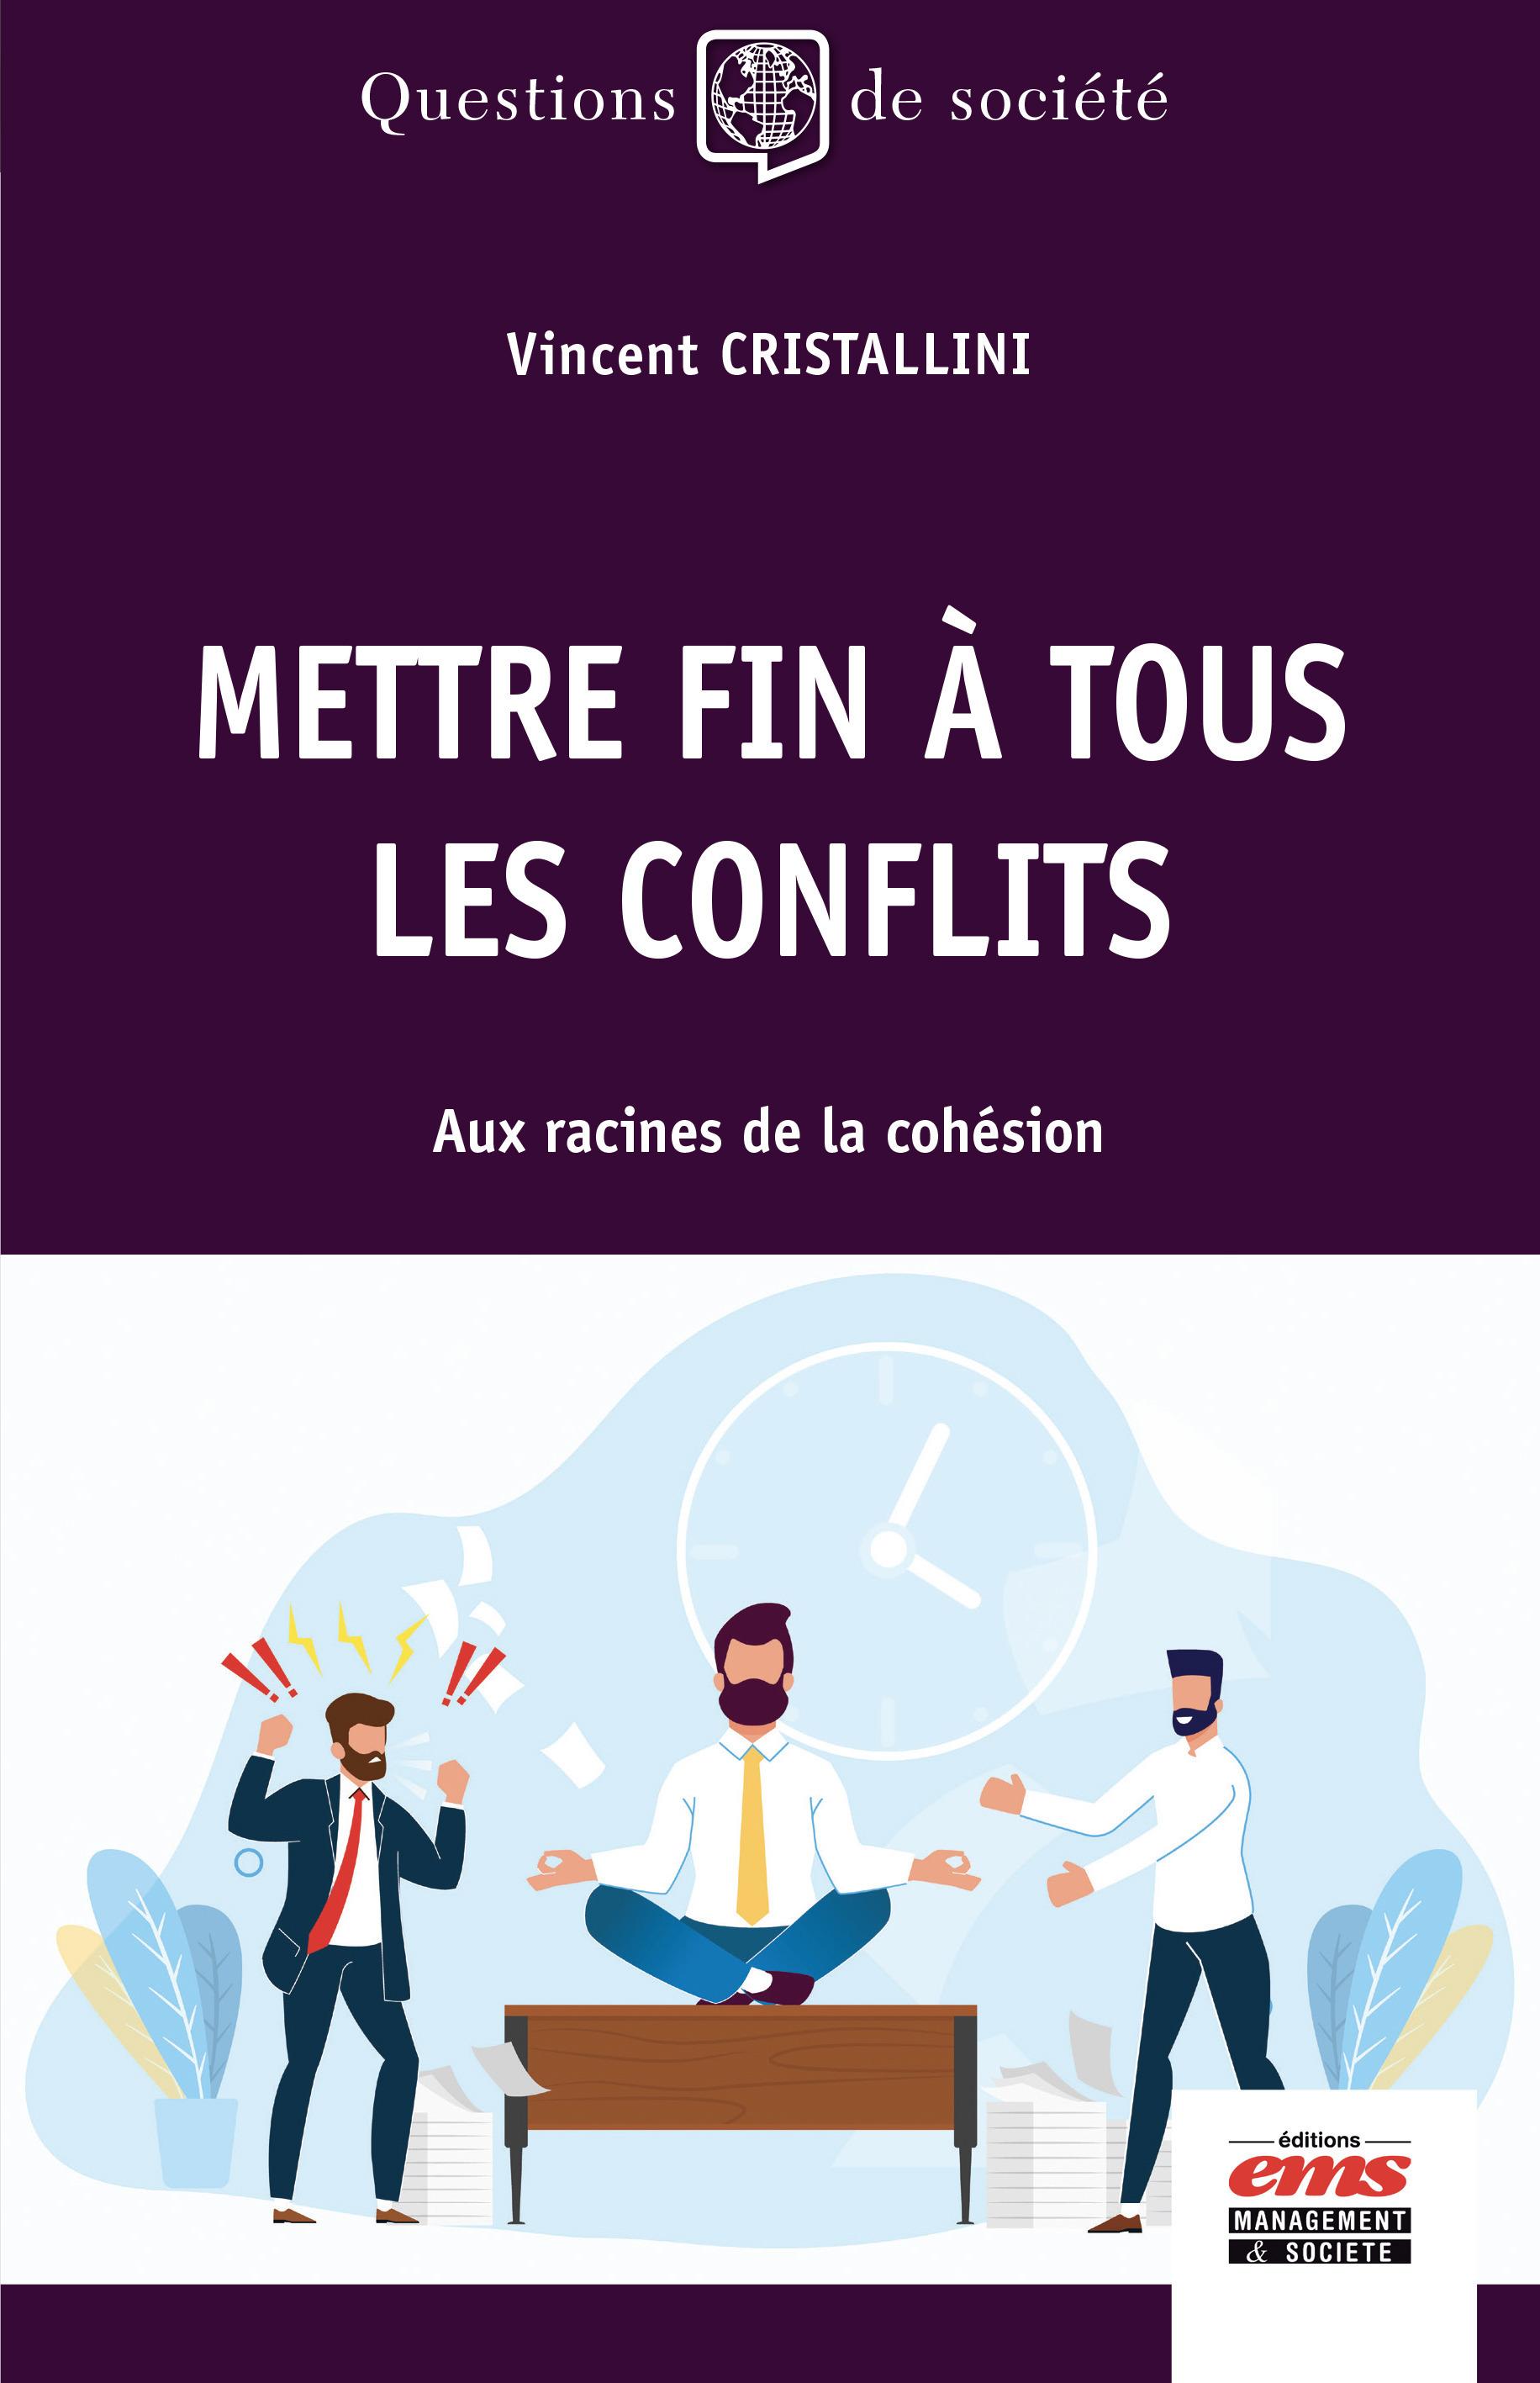 Mettre fin à tous les conflits : aux racines de la cohésion